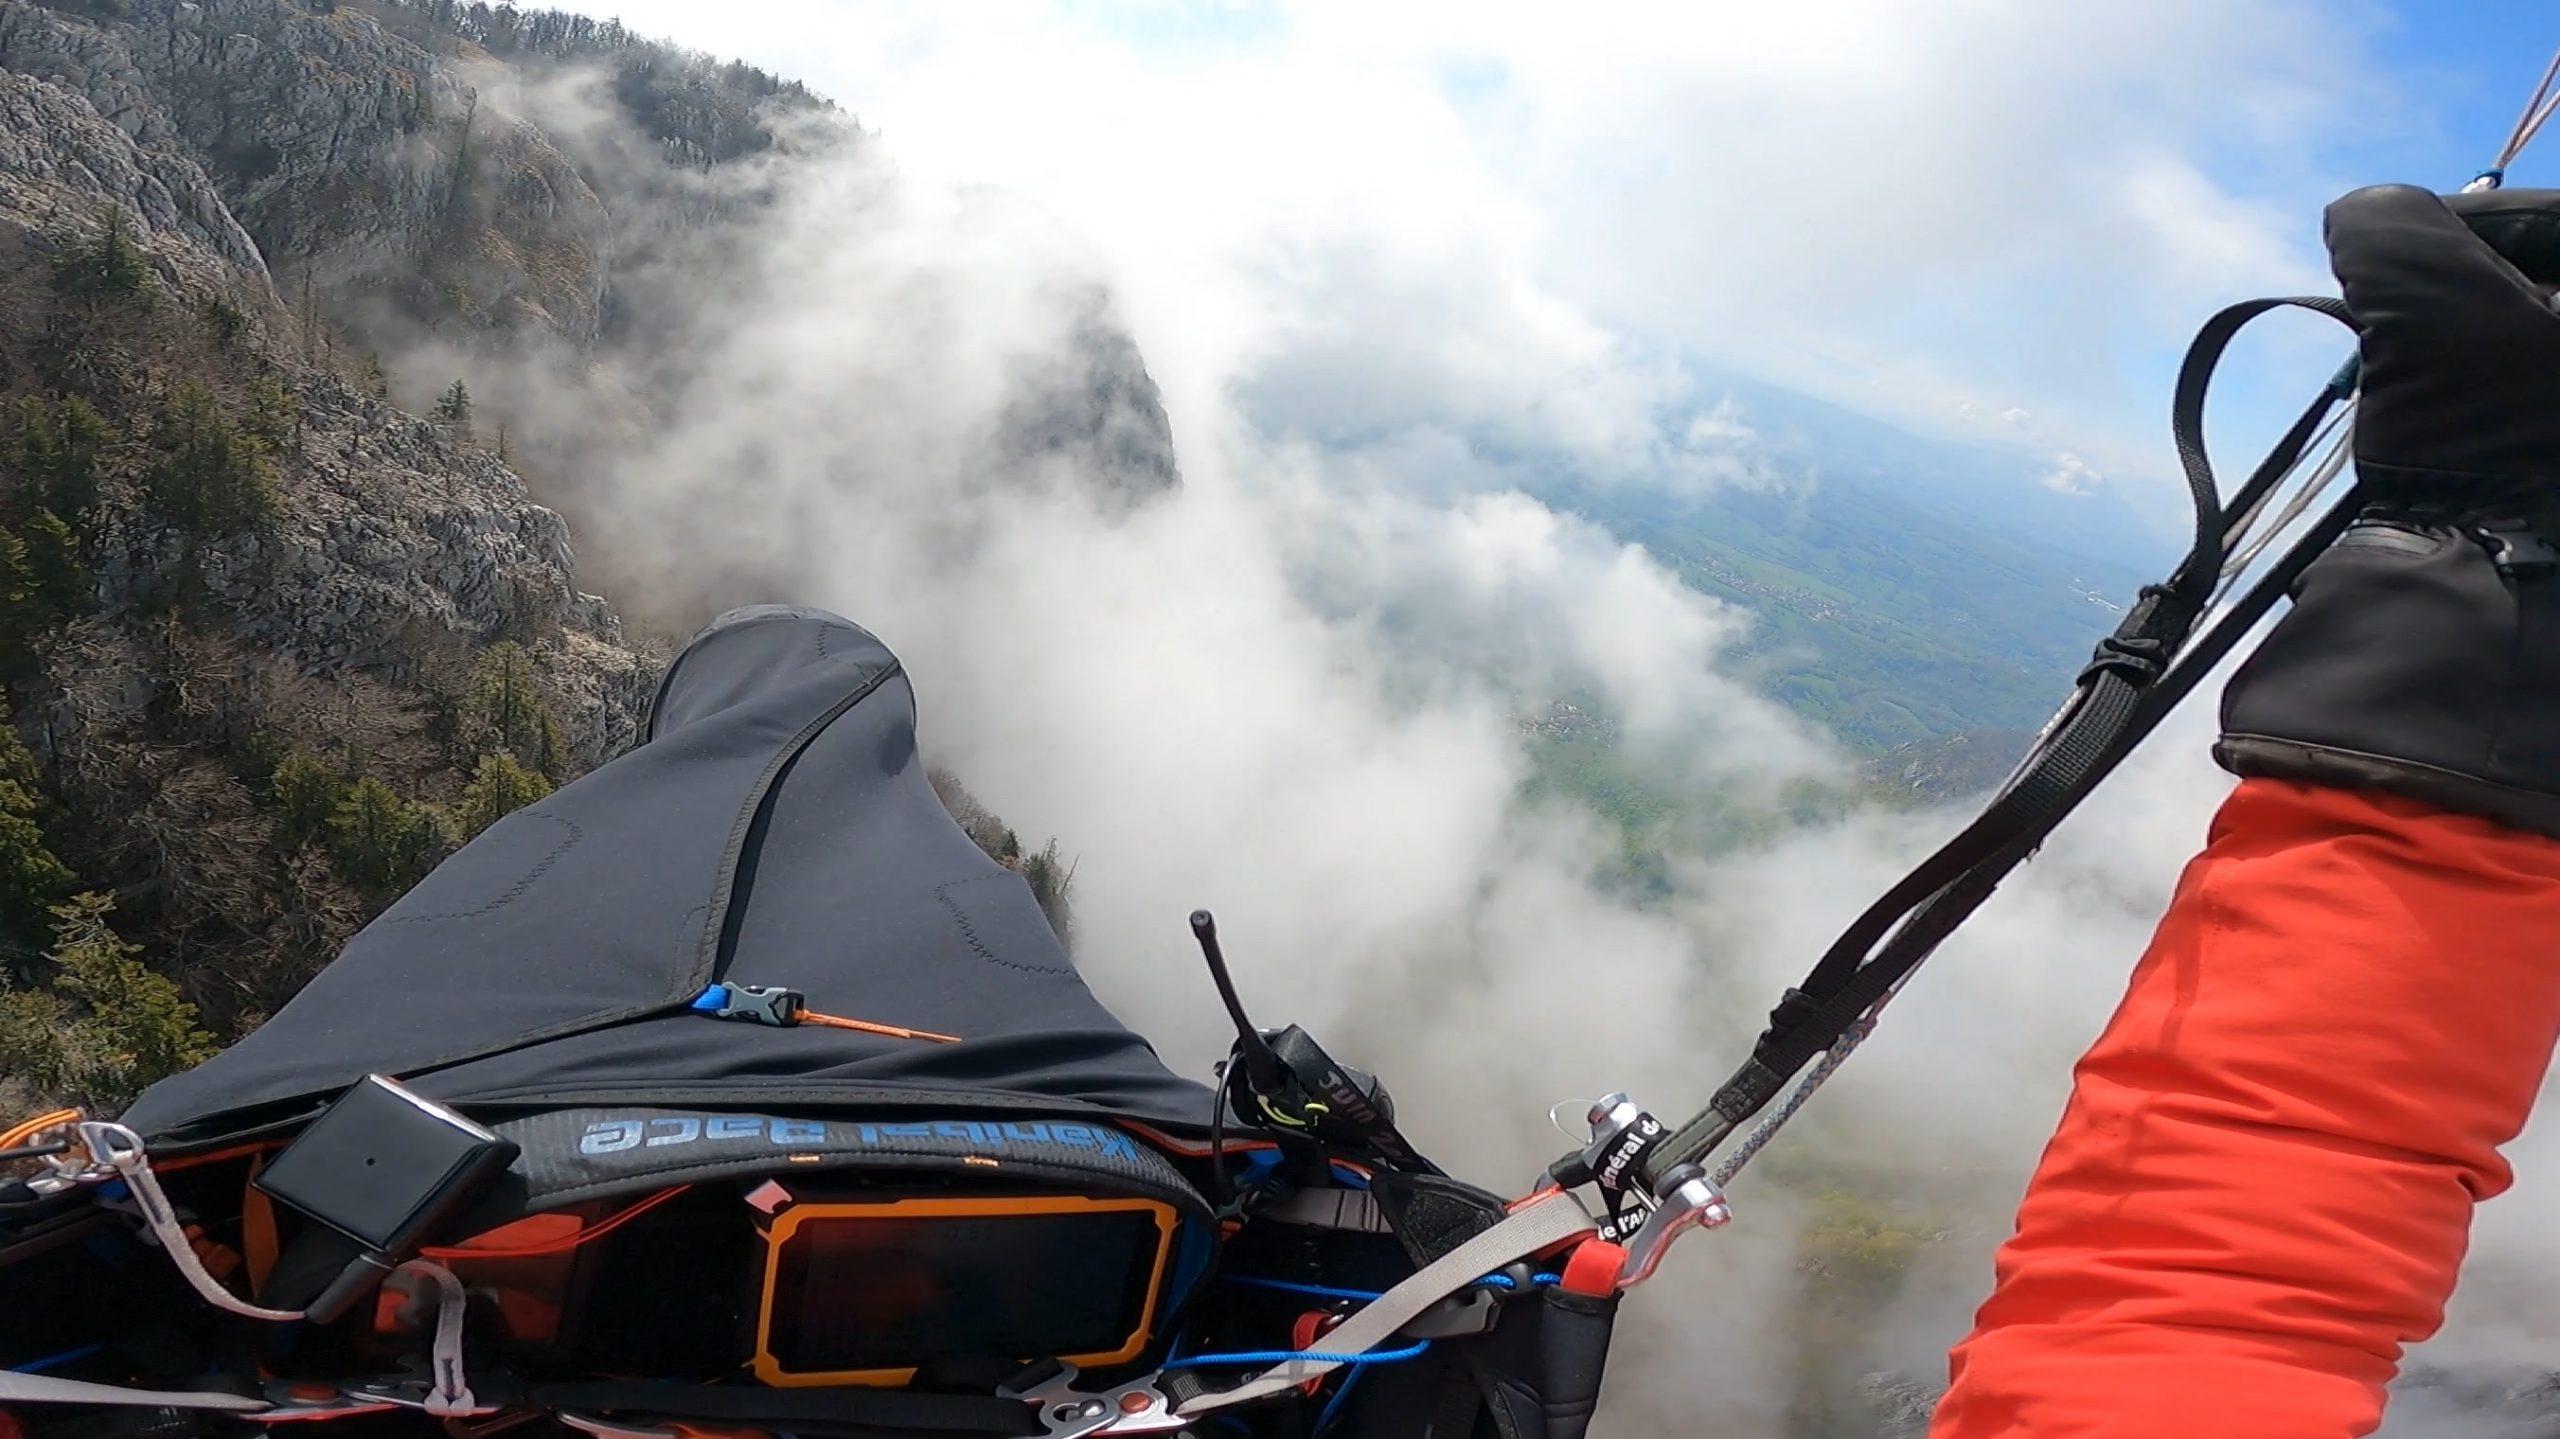 Passage entre les nuages après le décollage.